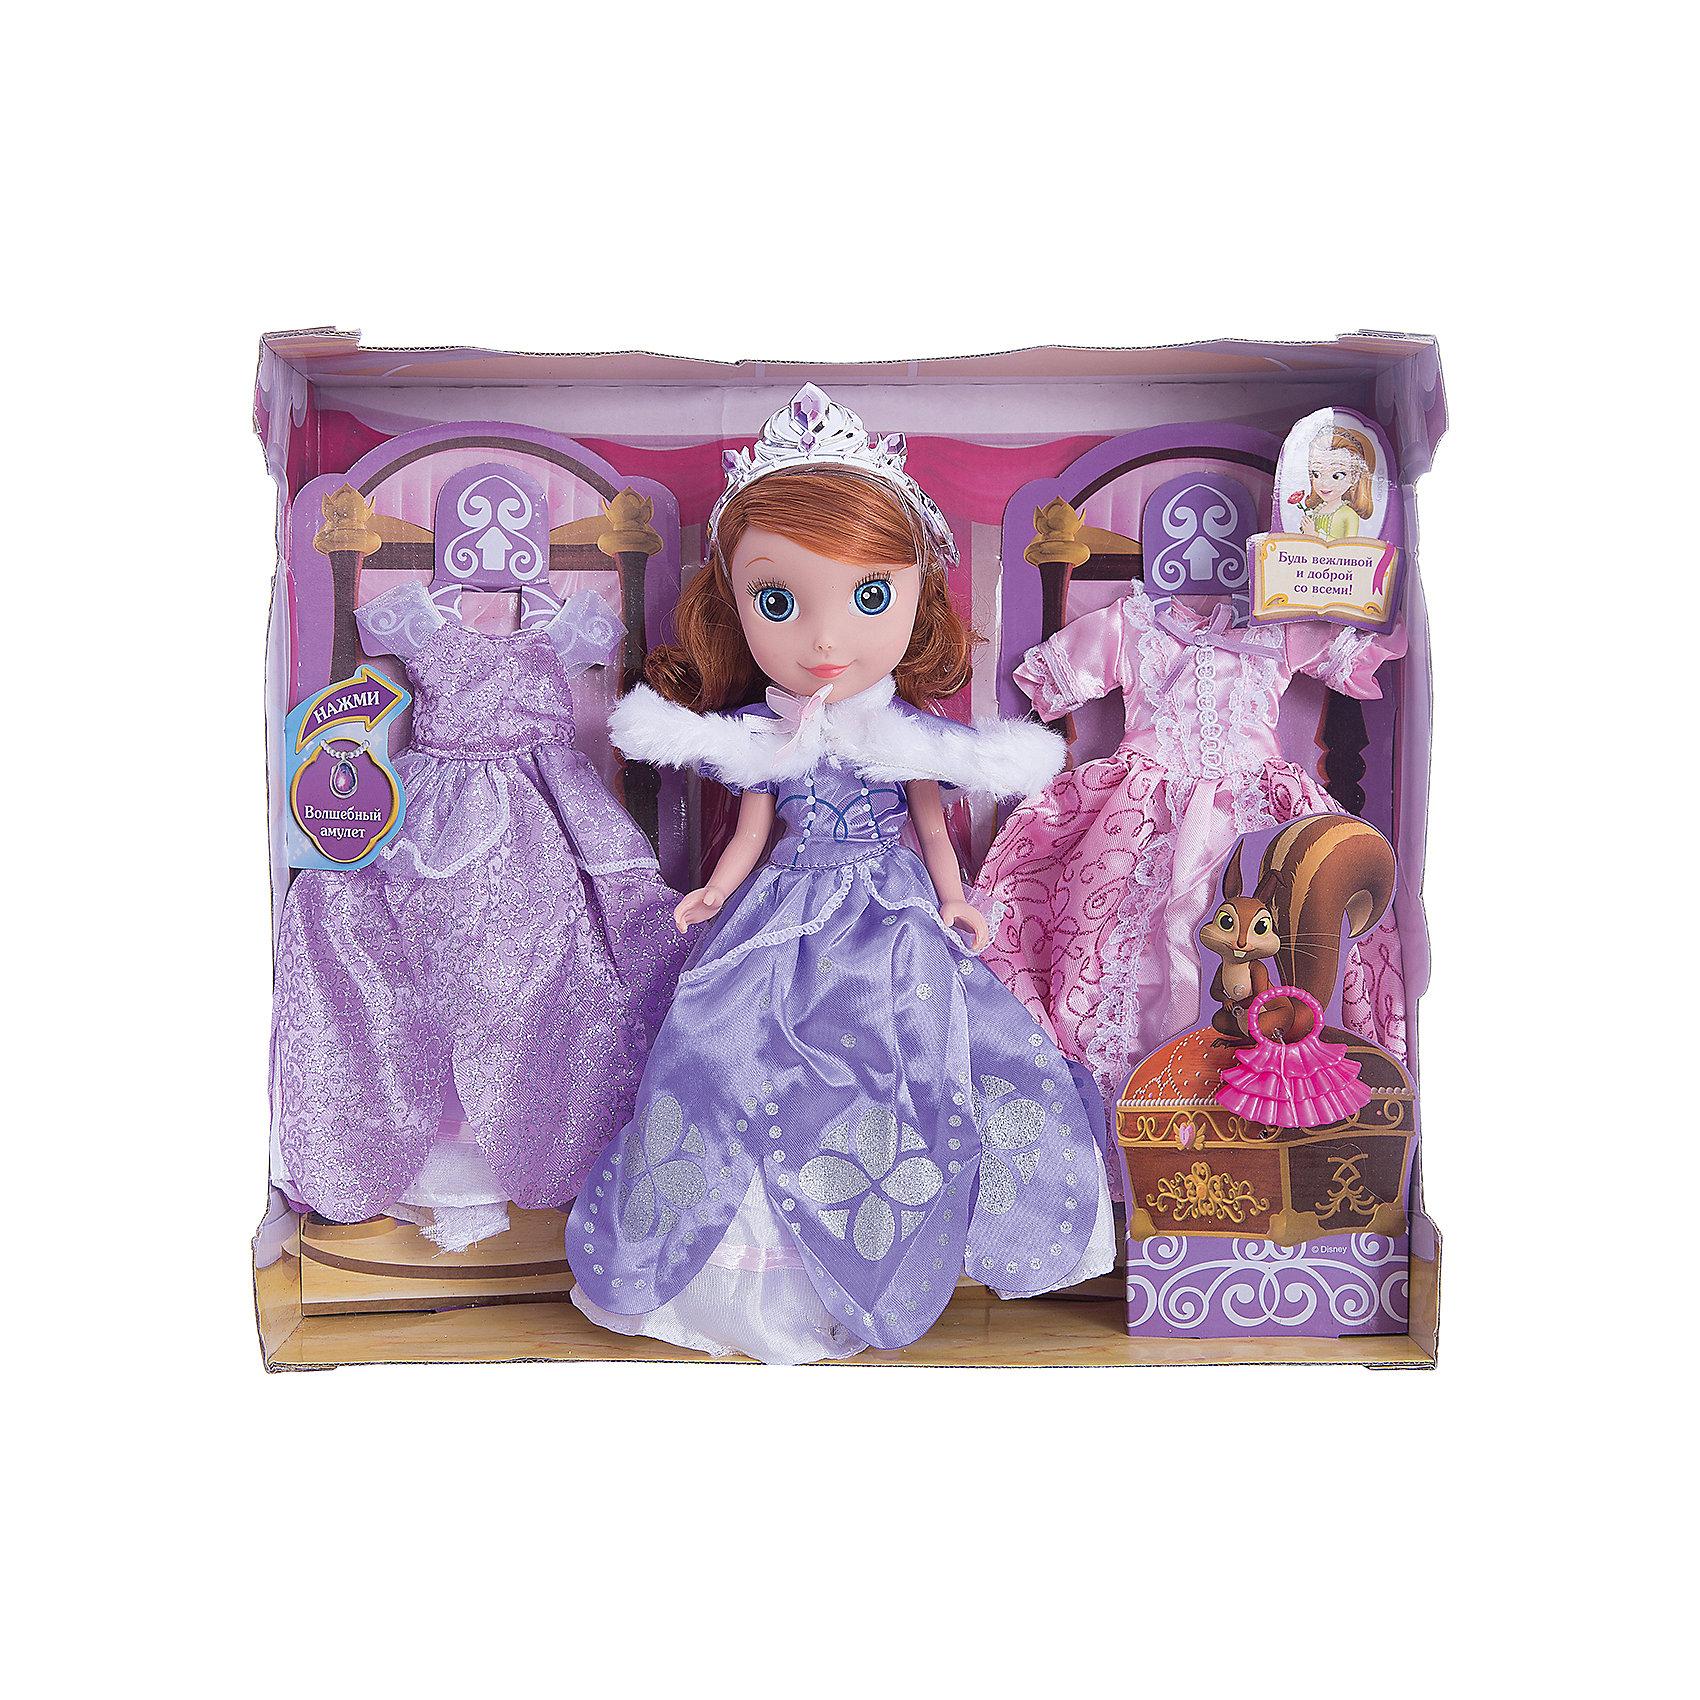 Кукла София, с набором для одежды, 25см, София Прекрасная, КарапузИгрушки<br>Очаровательная София приведет в восторг любую девочку. Куколка выглядит в точности, как персонаж из любимого мультфильма. Малышка одета в красивое платье с пышной юбкой, на голове у нее - изысканная тиара. В этом комплекте еще целых два прекрасных наряда, которые София может надеть на бал или же прогулку. <br><br>Дополнительная информация:<br><br>- Материал: пластик, текстиль.<br>- Размер куклы: 25 см.<br>- Голова, руки, ноги куклы подвижные. <br>- Комплектация: кукла в одежде, 2 платья, аксессуары. <br><br>Куклу София, с набором для одежды, 25см, София Прекрасная, Карапуз, можно купить в нашем магазине.<br><br>Ширина мм: 330<br>Глубина мм: 300<br>Высота мм: 90<br>Вес г: 660<br>Возраст от месяцев: 36<br>Возраст до месяцев: 120<br>Пол: Женский<br>Возраст: Детский<br>SKU: 4310818